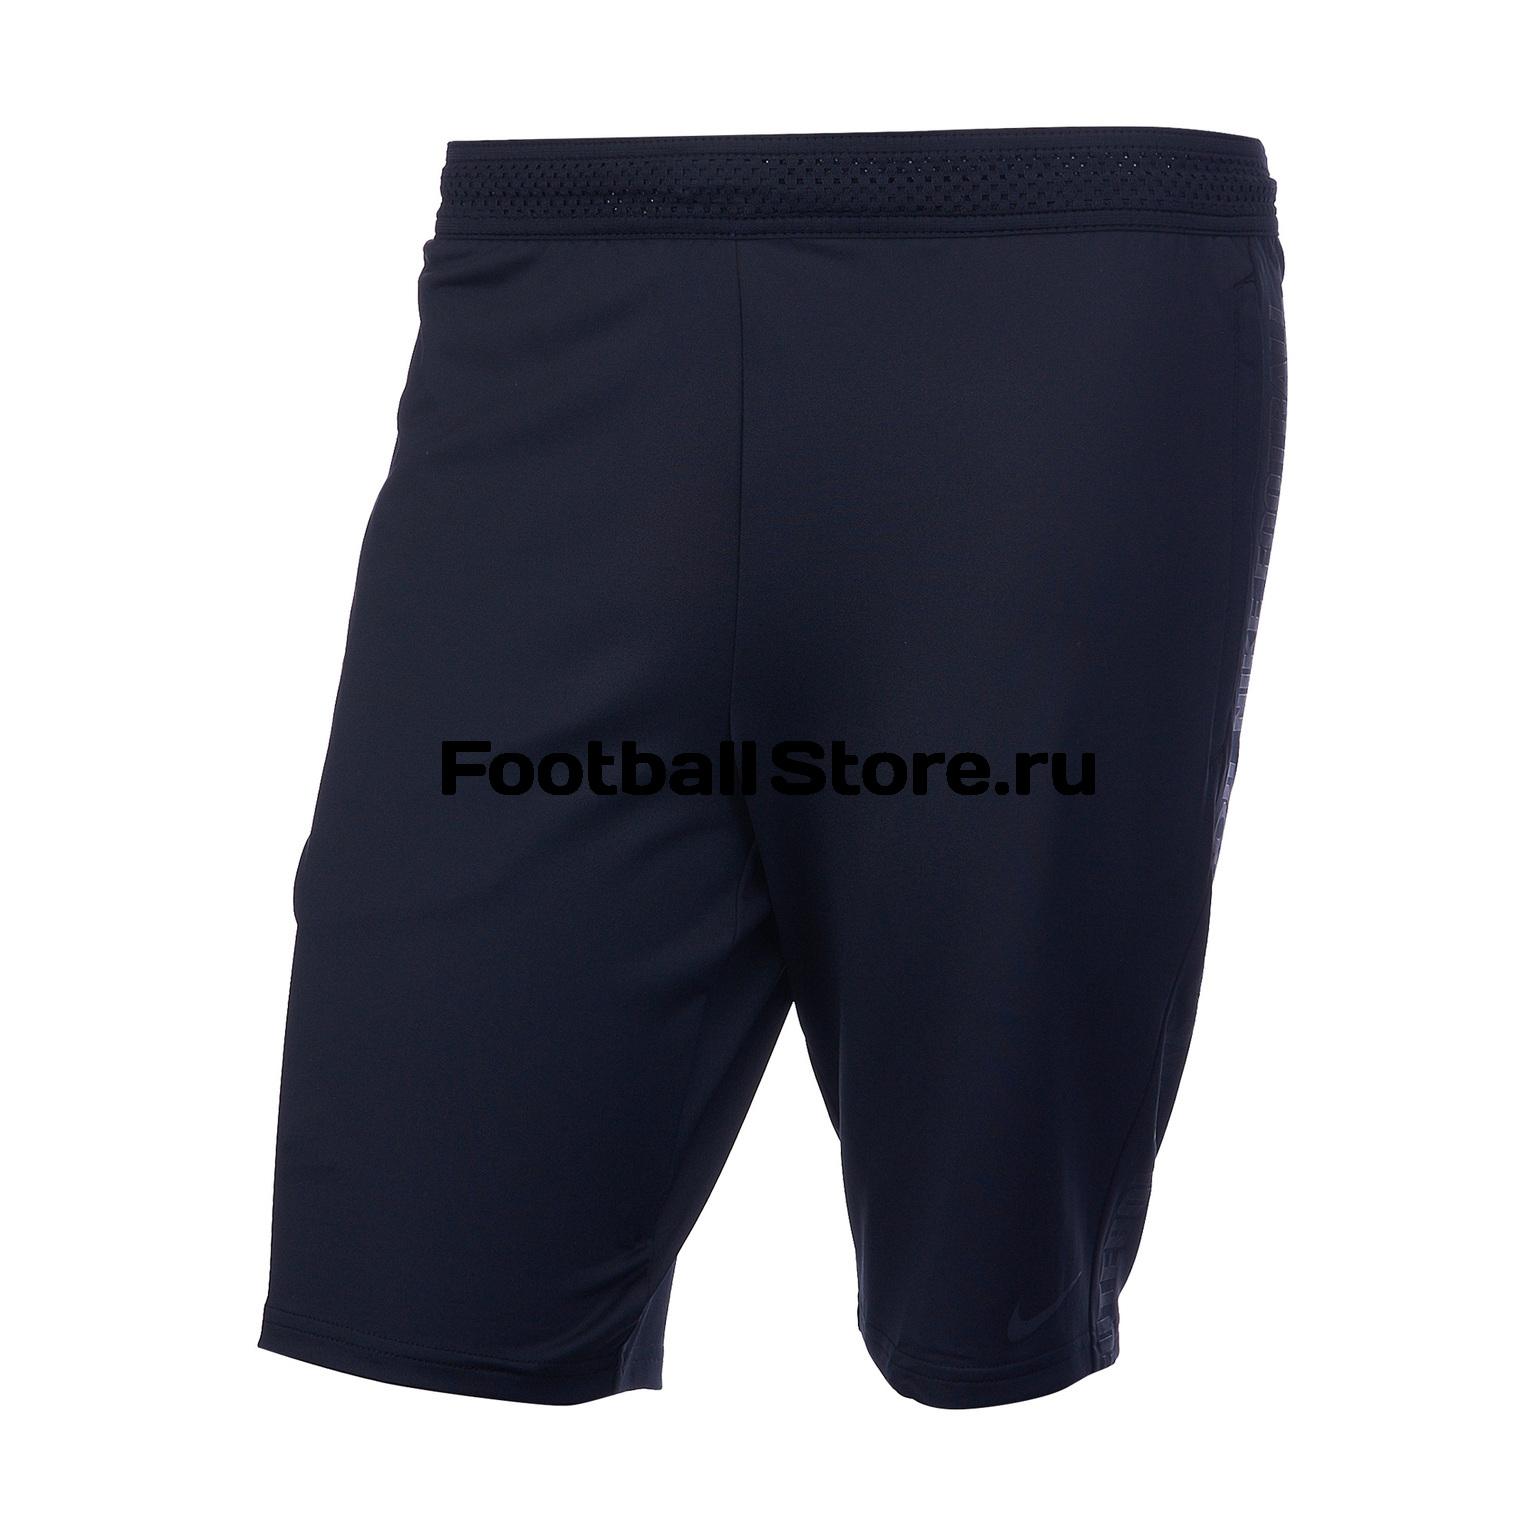 Шорты тренировочные Nike F.C. AA4209-010 шорты спортивные nike pro 3 short 589364 010